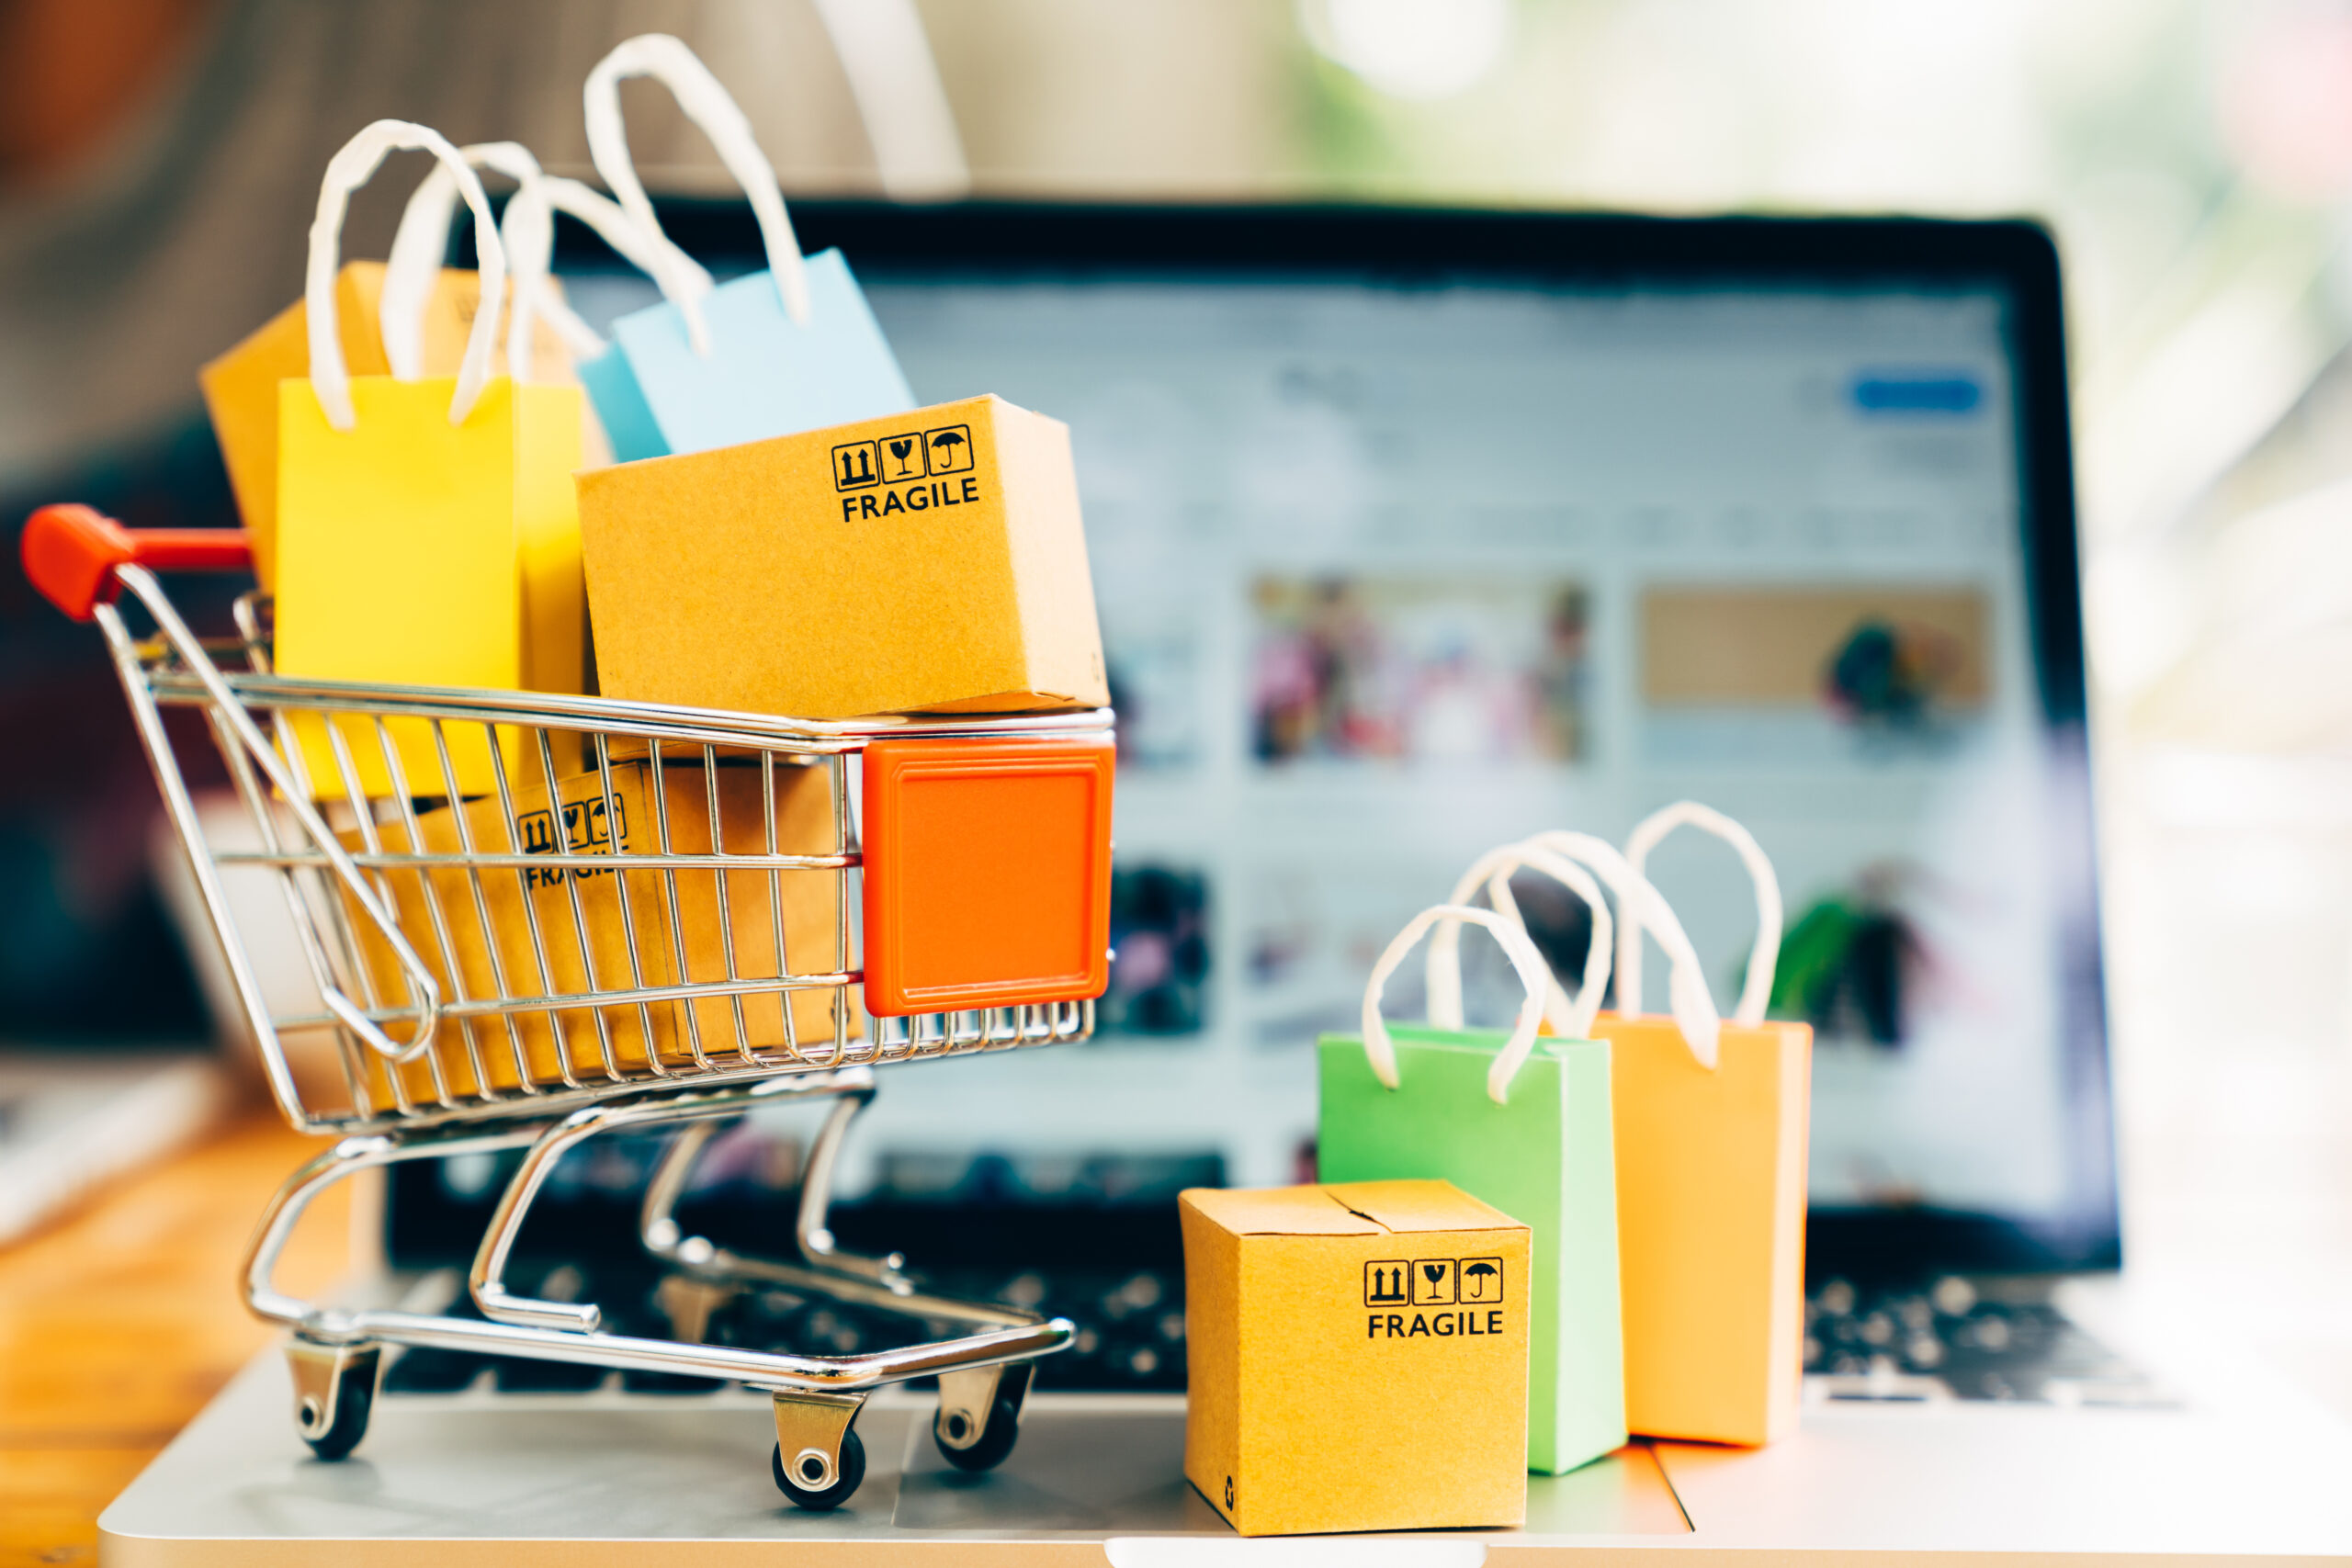 Neue umsatzsteuerliche Regelungen iZm Verkauf über digitale Plattformen - 10.9.2021